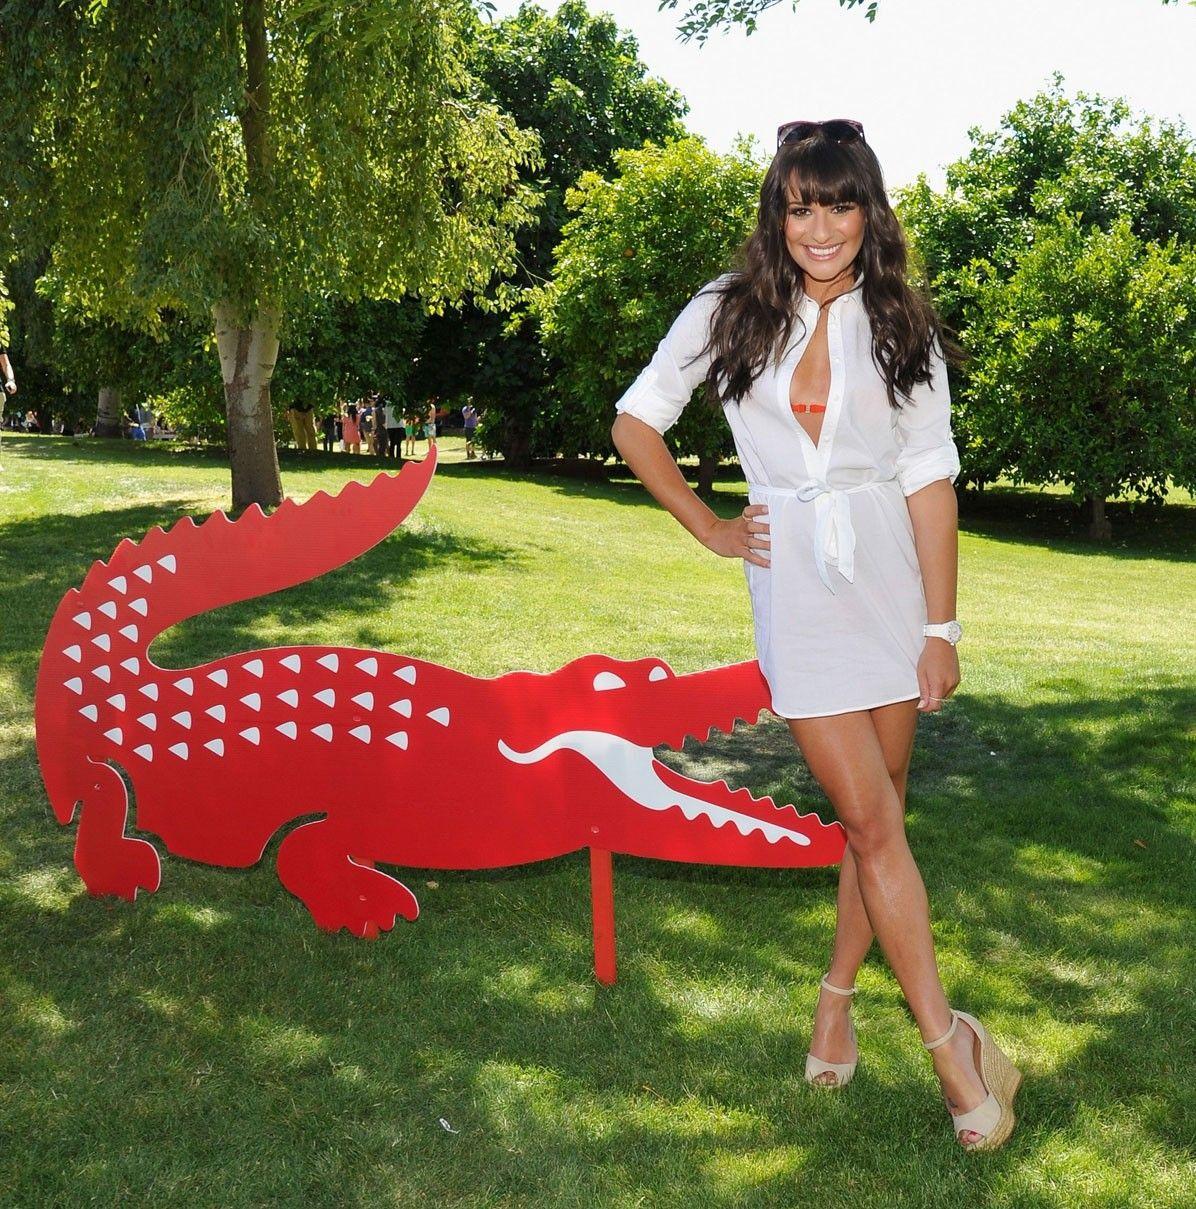 9. Lea Michele